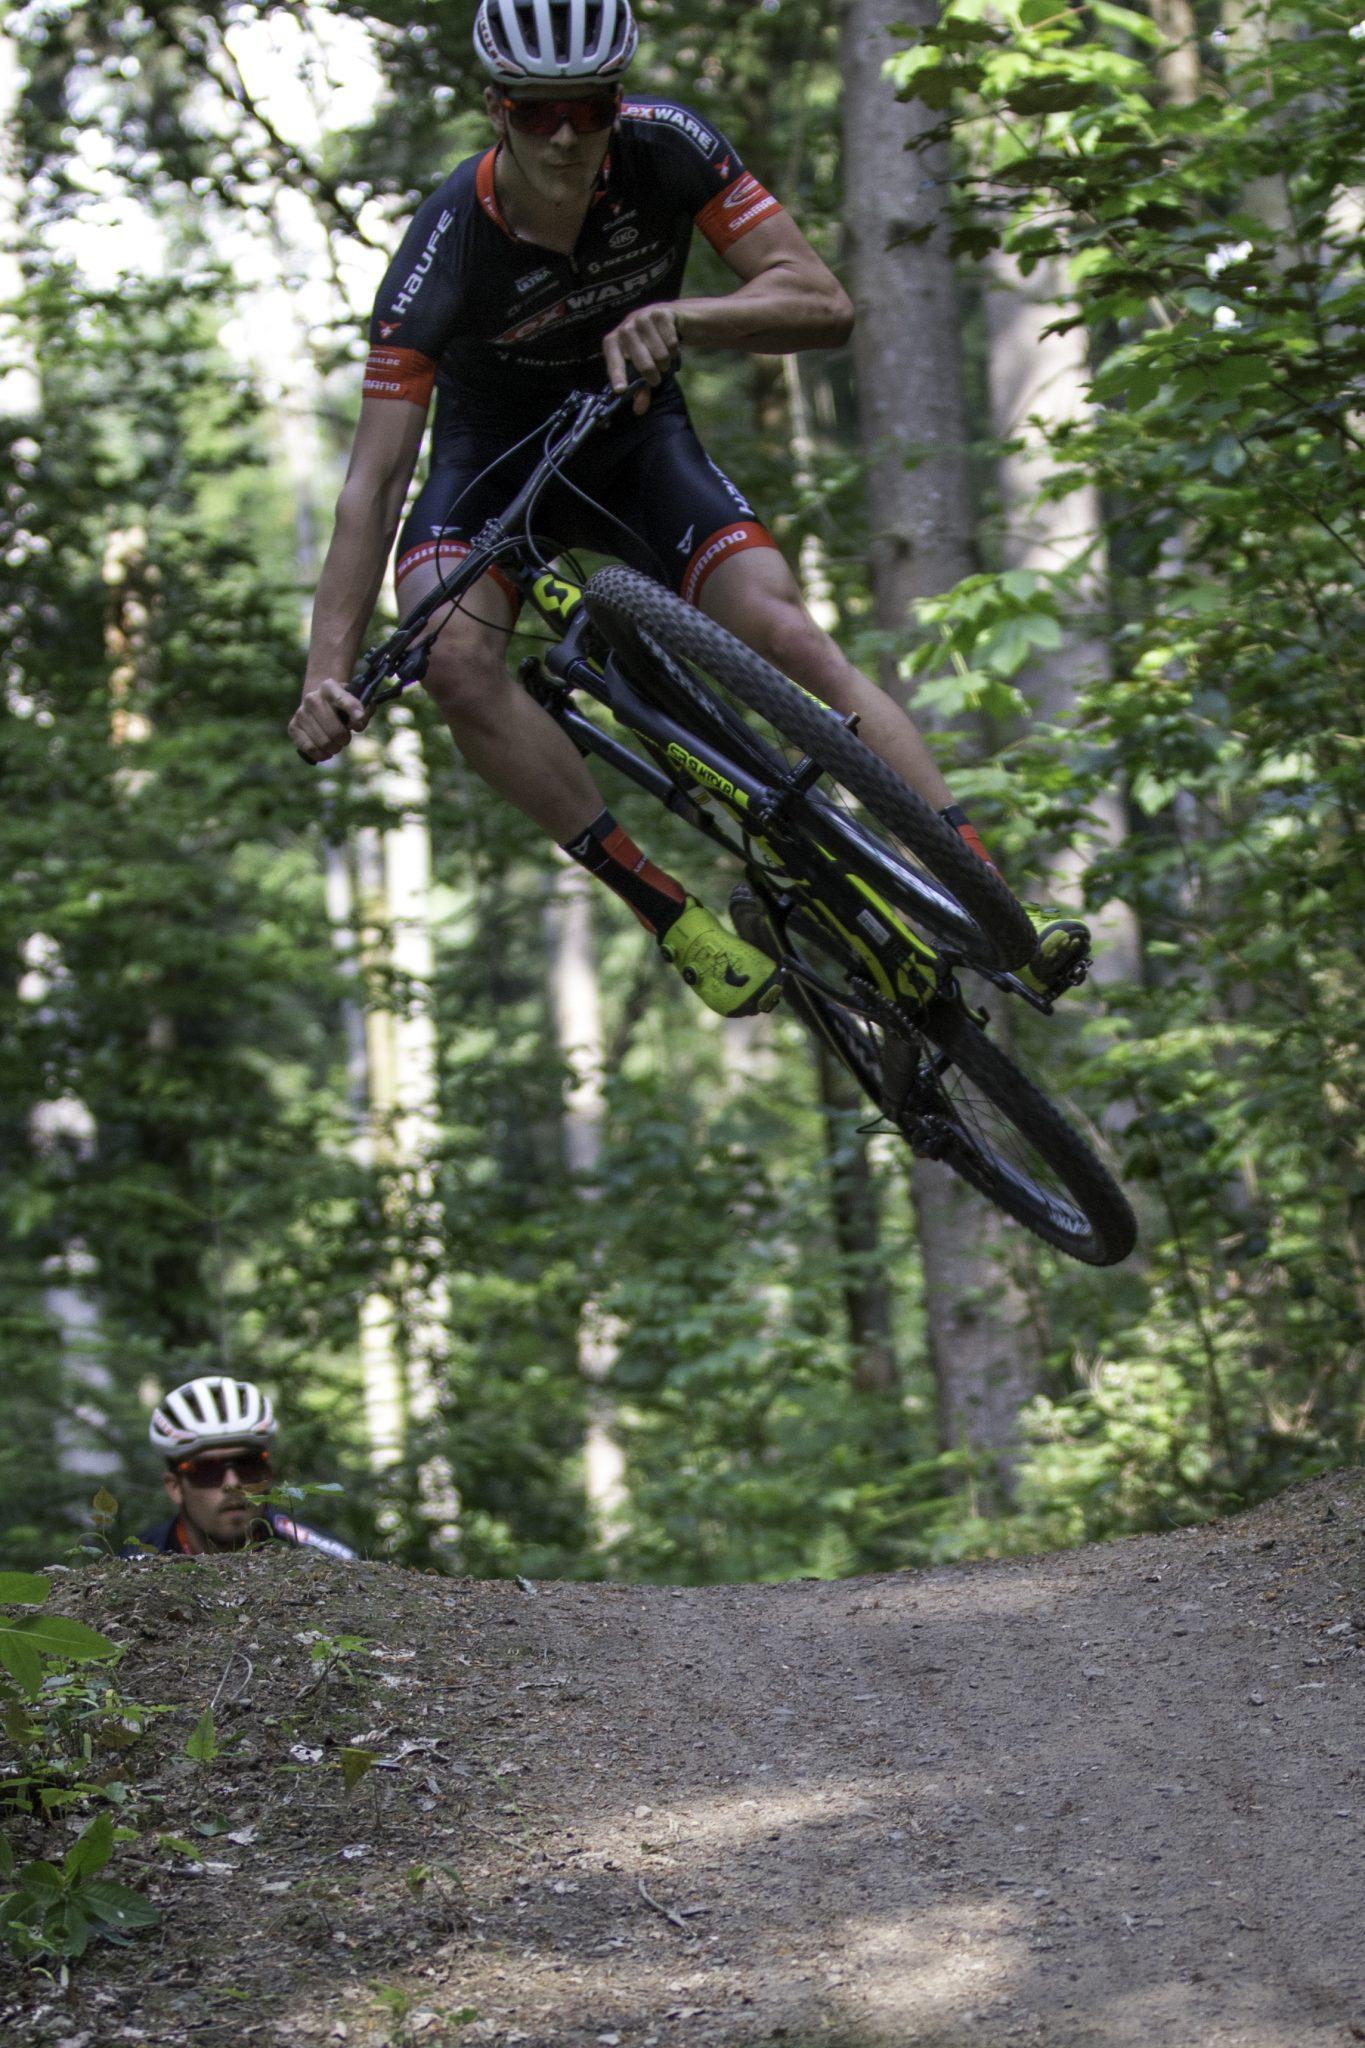 Ein Mountainbiker springt über einen Hügel